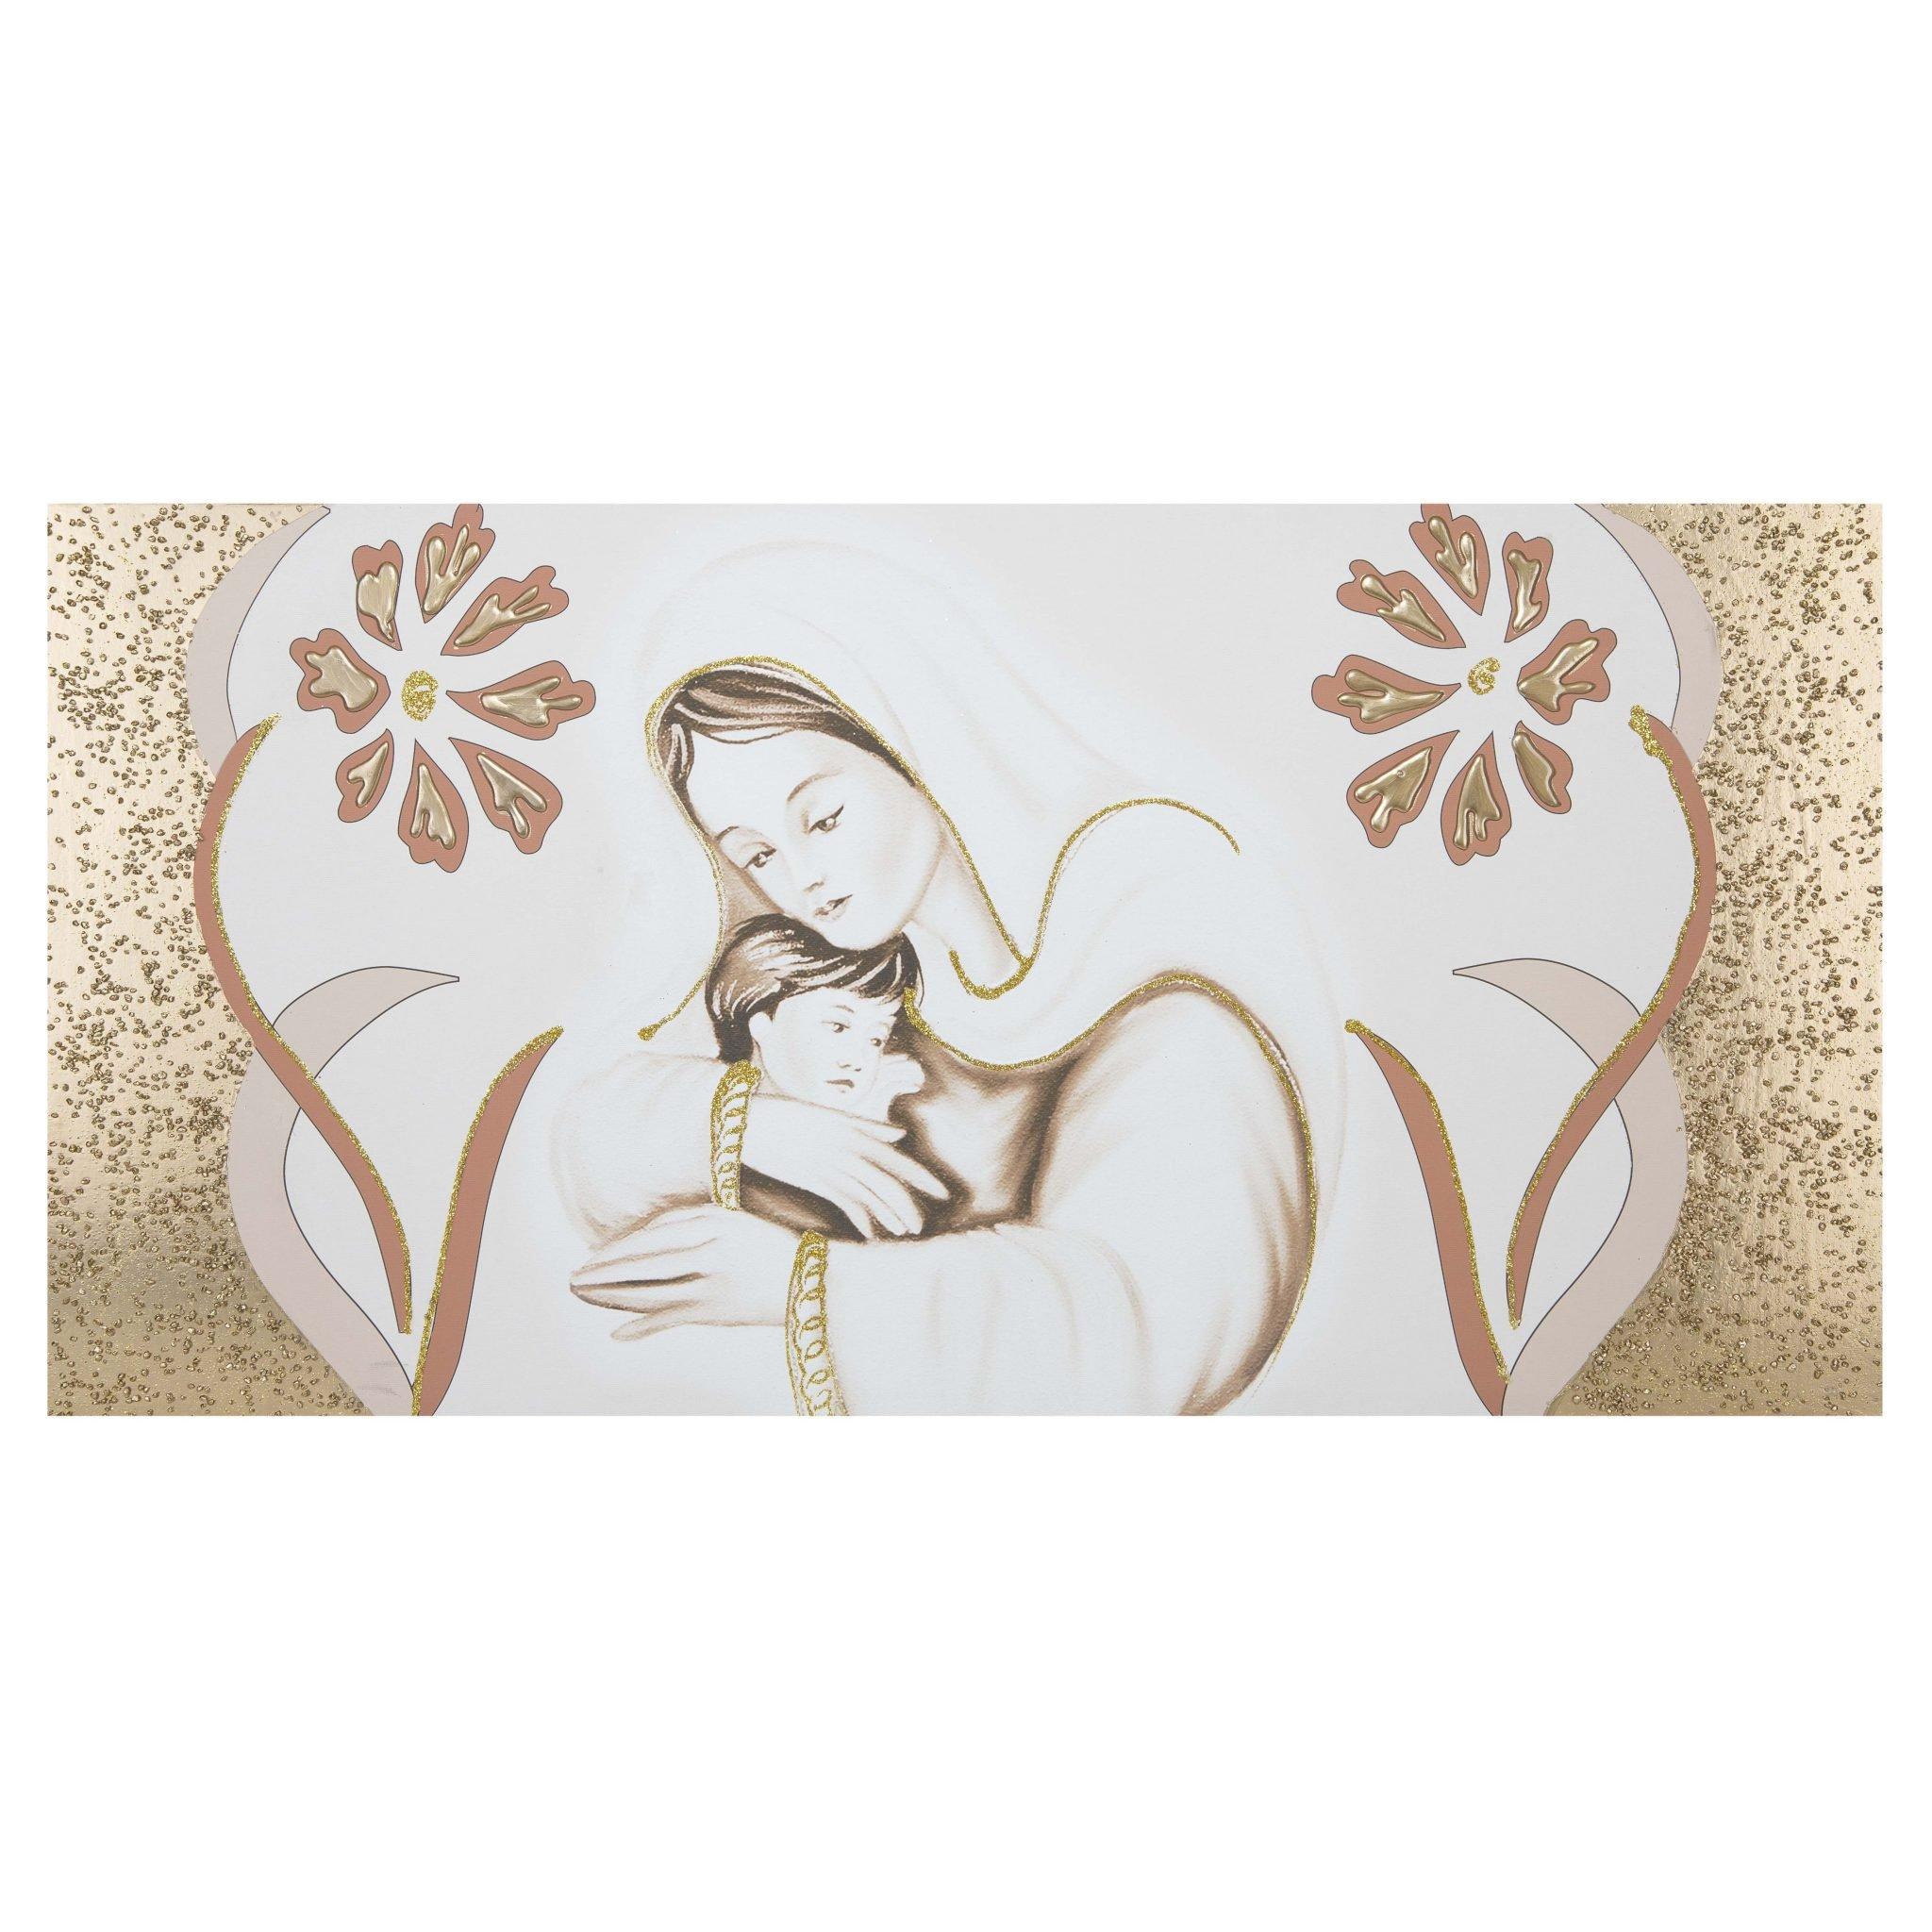 Capezzale quadretti sacra famiglia della lupia. Capezzale Su Tela Per Camera Da Letto Maternita Fiori Oro